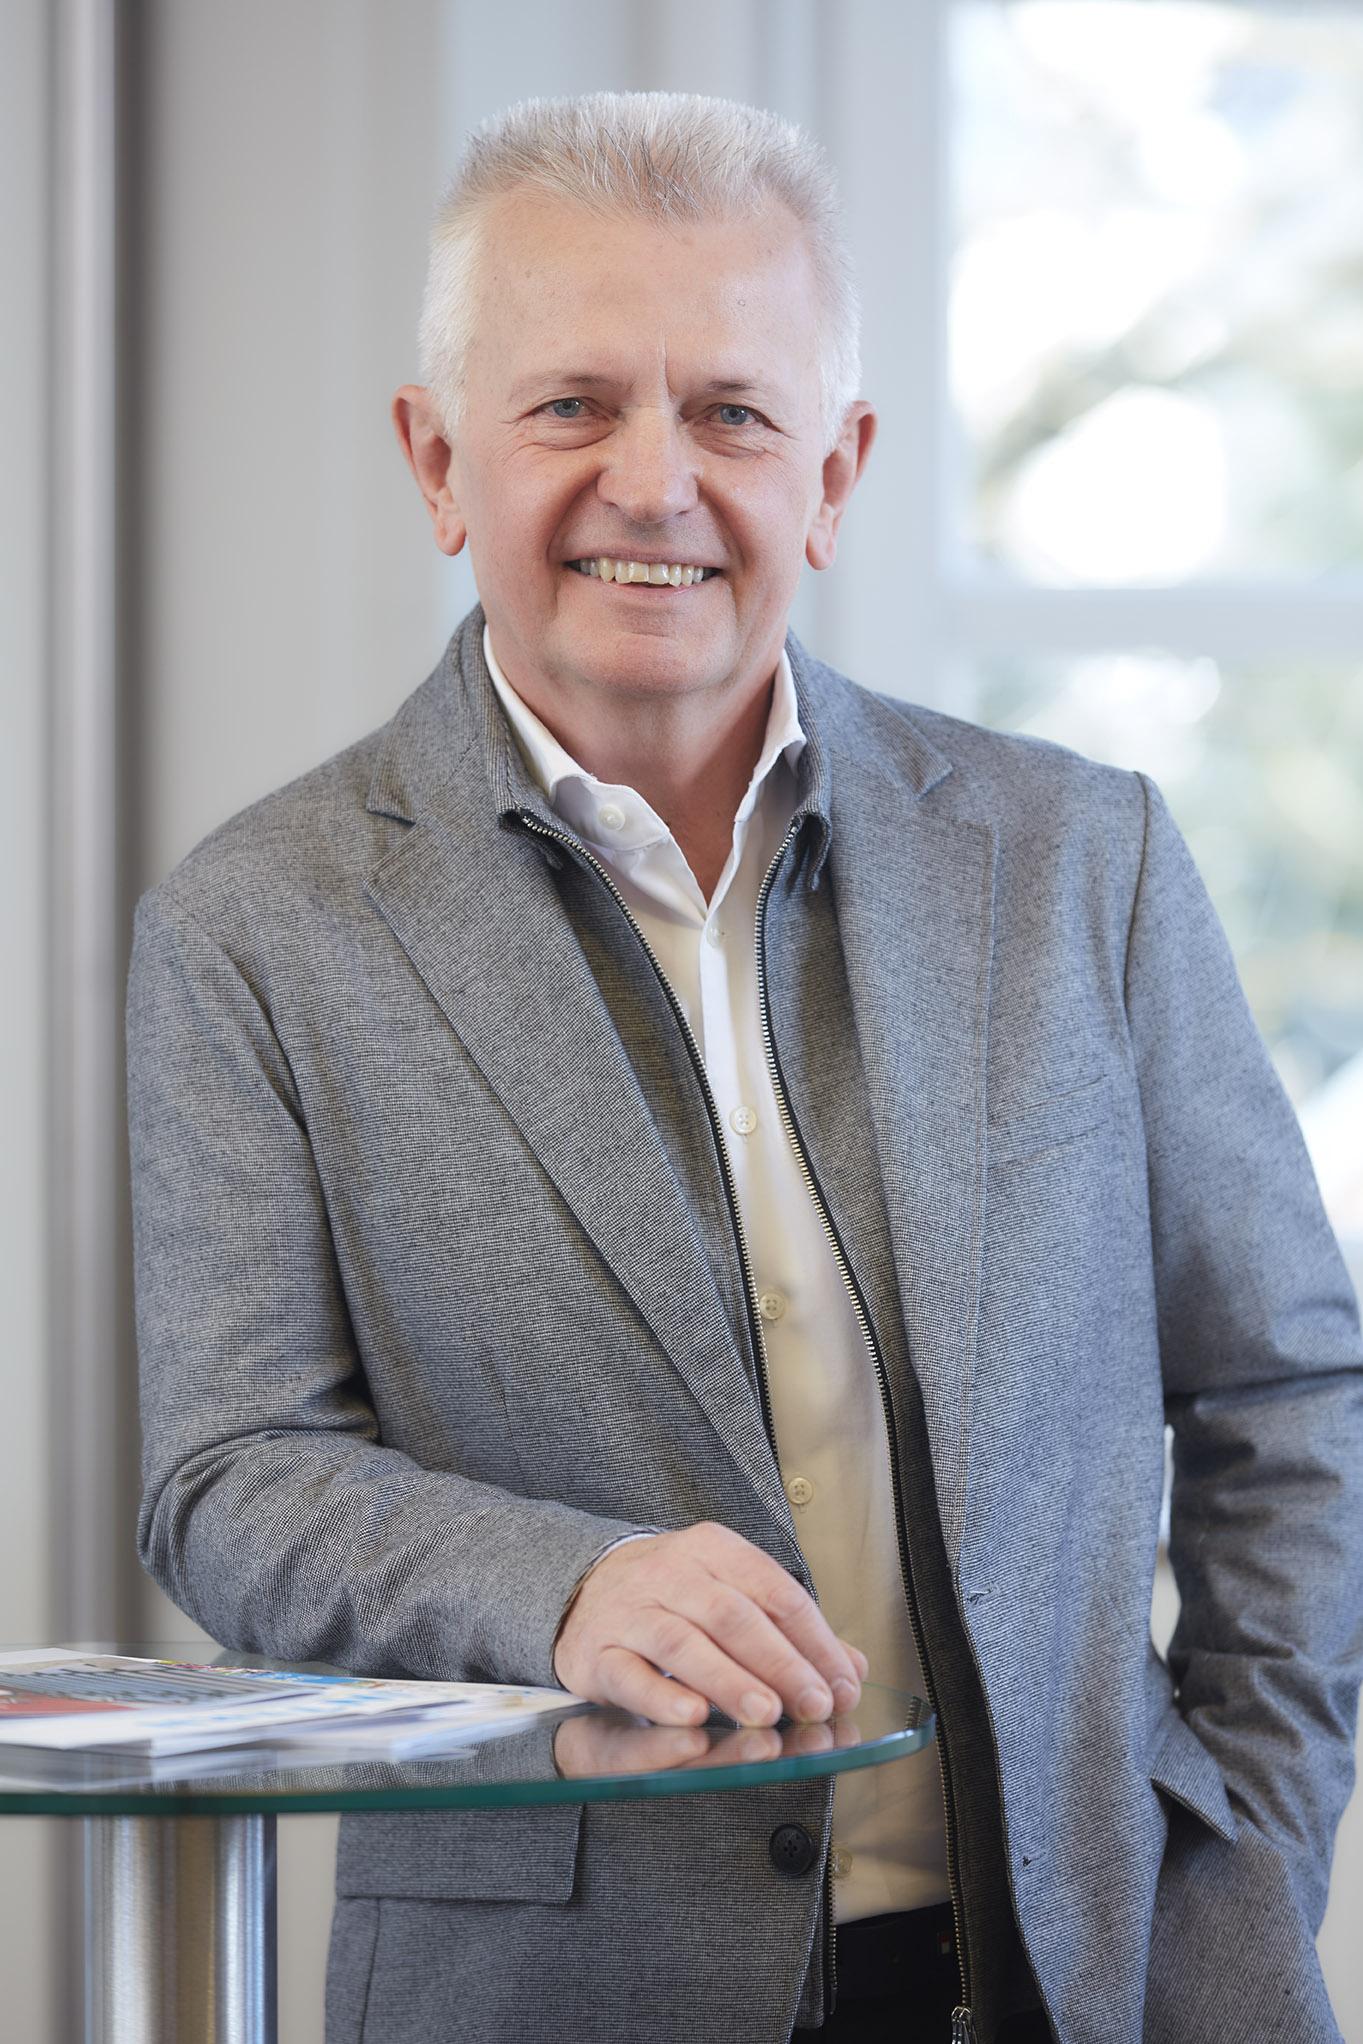 Mag. Josef Scharinger, Mitglied im wissenschaftlich-kulturellen Beirat von ISCO